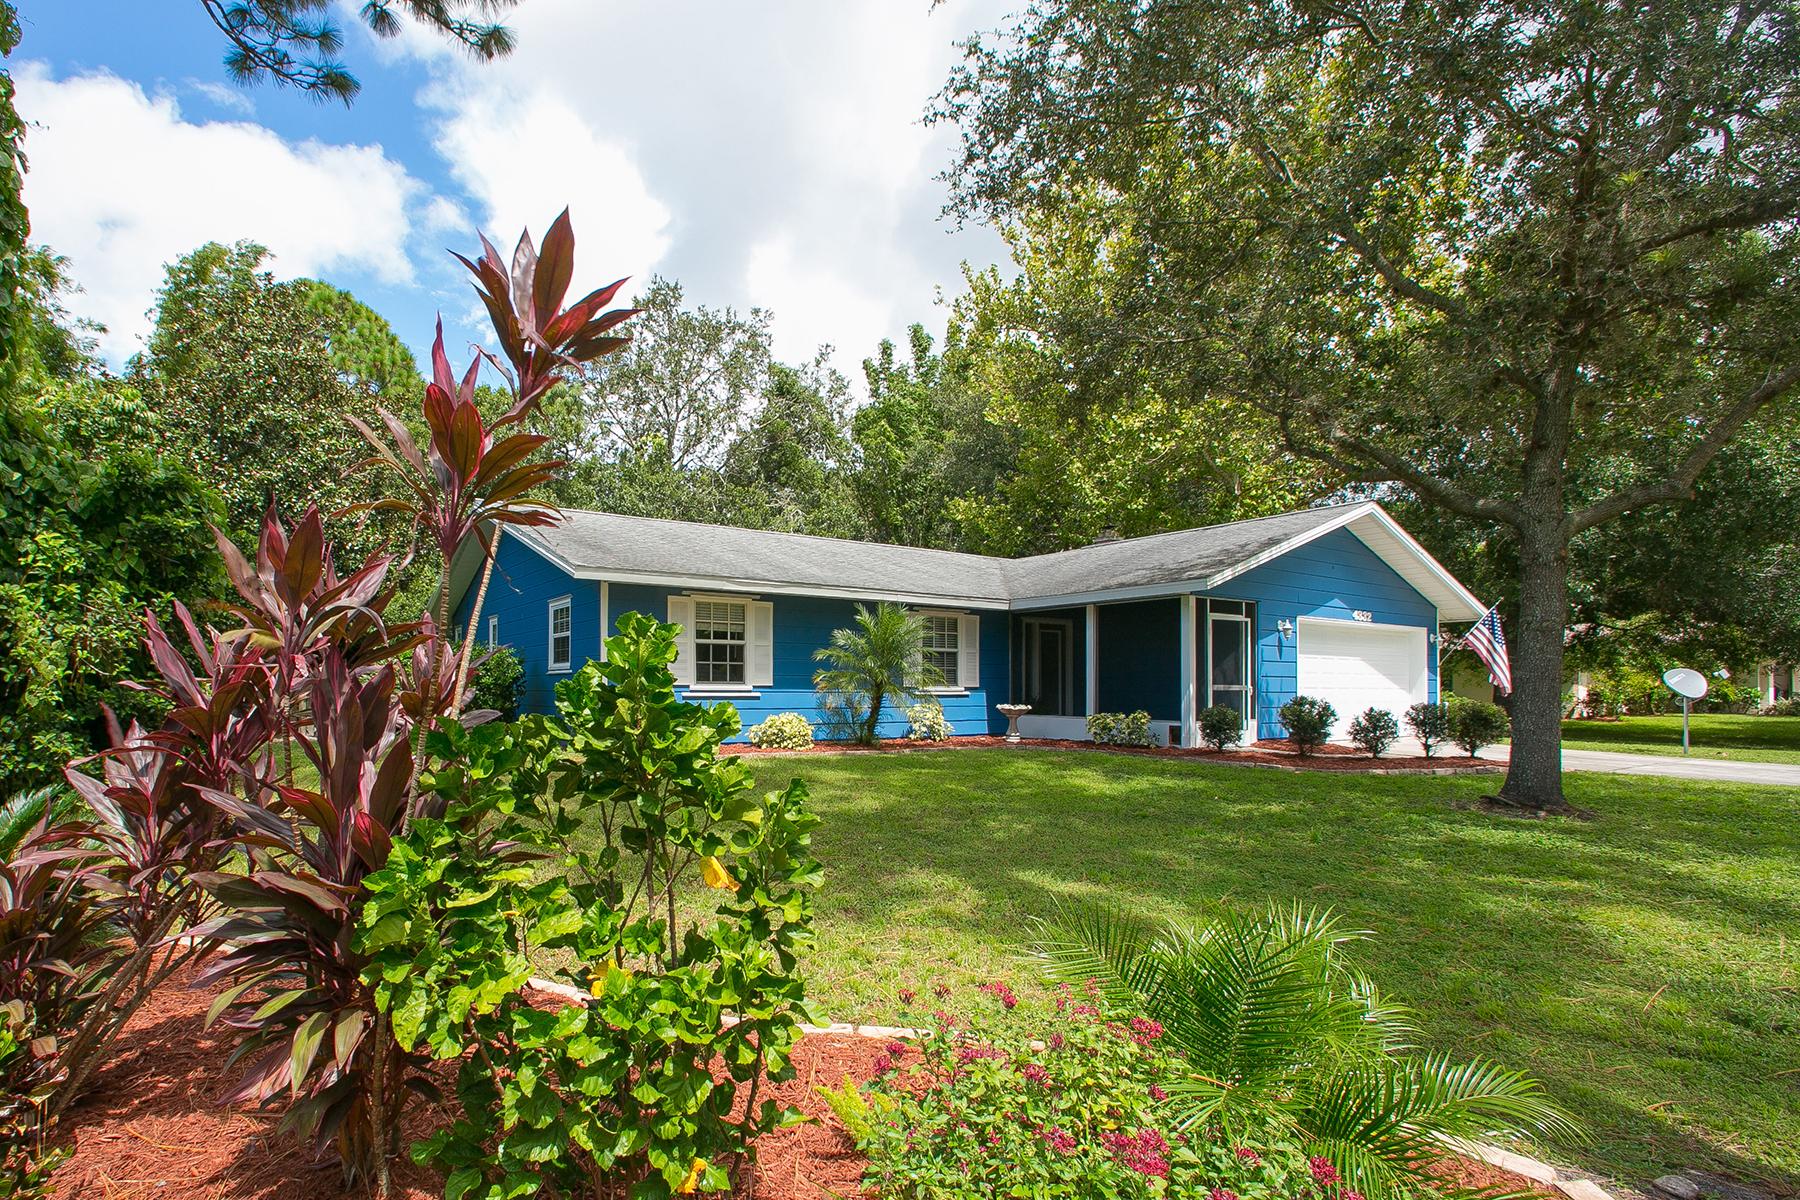 Maison unifamiliale pour l Vente à PINE MEADOW 4332 Pine Meadow Ln Sarasota, Florida, 34233 États-Unis